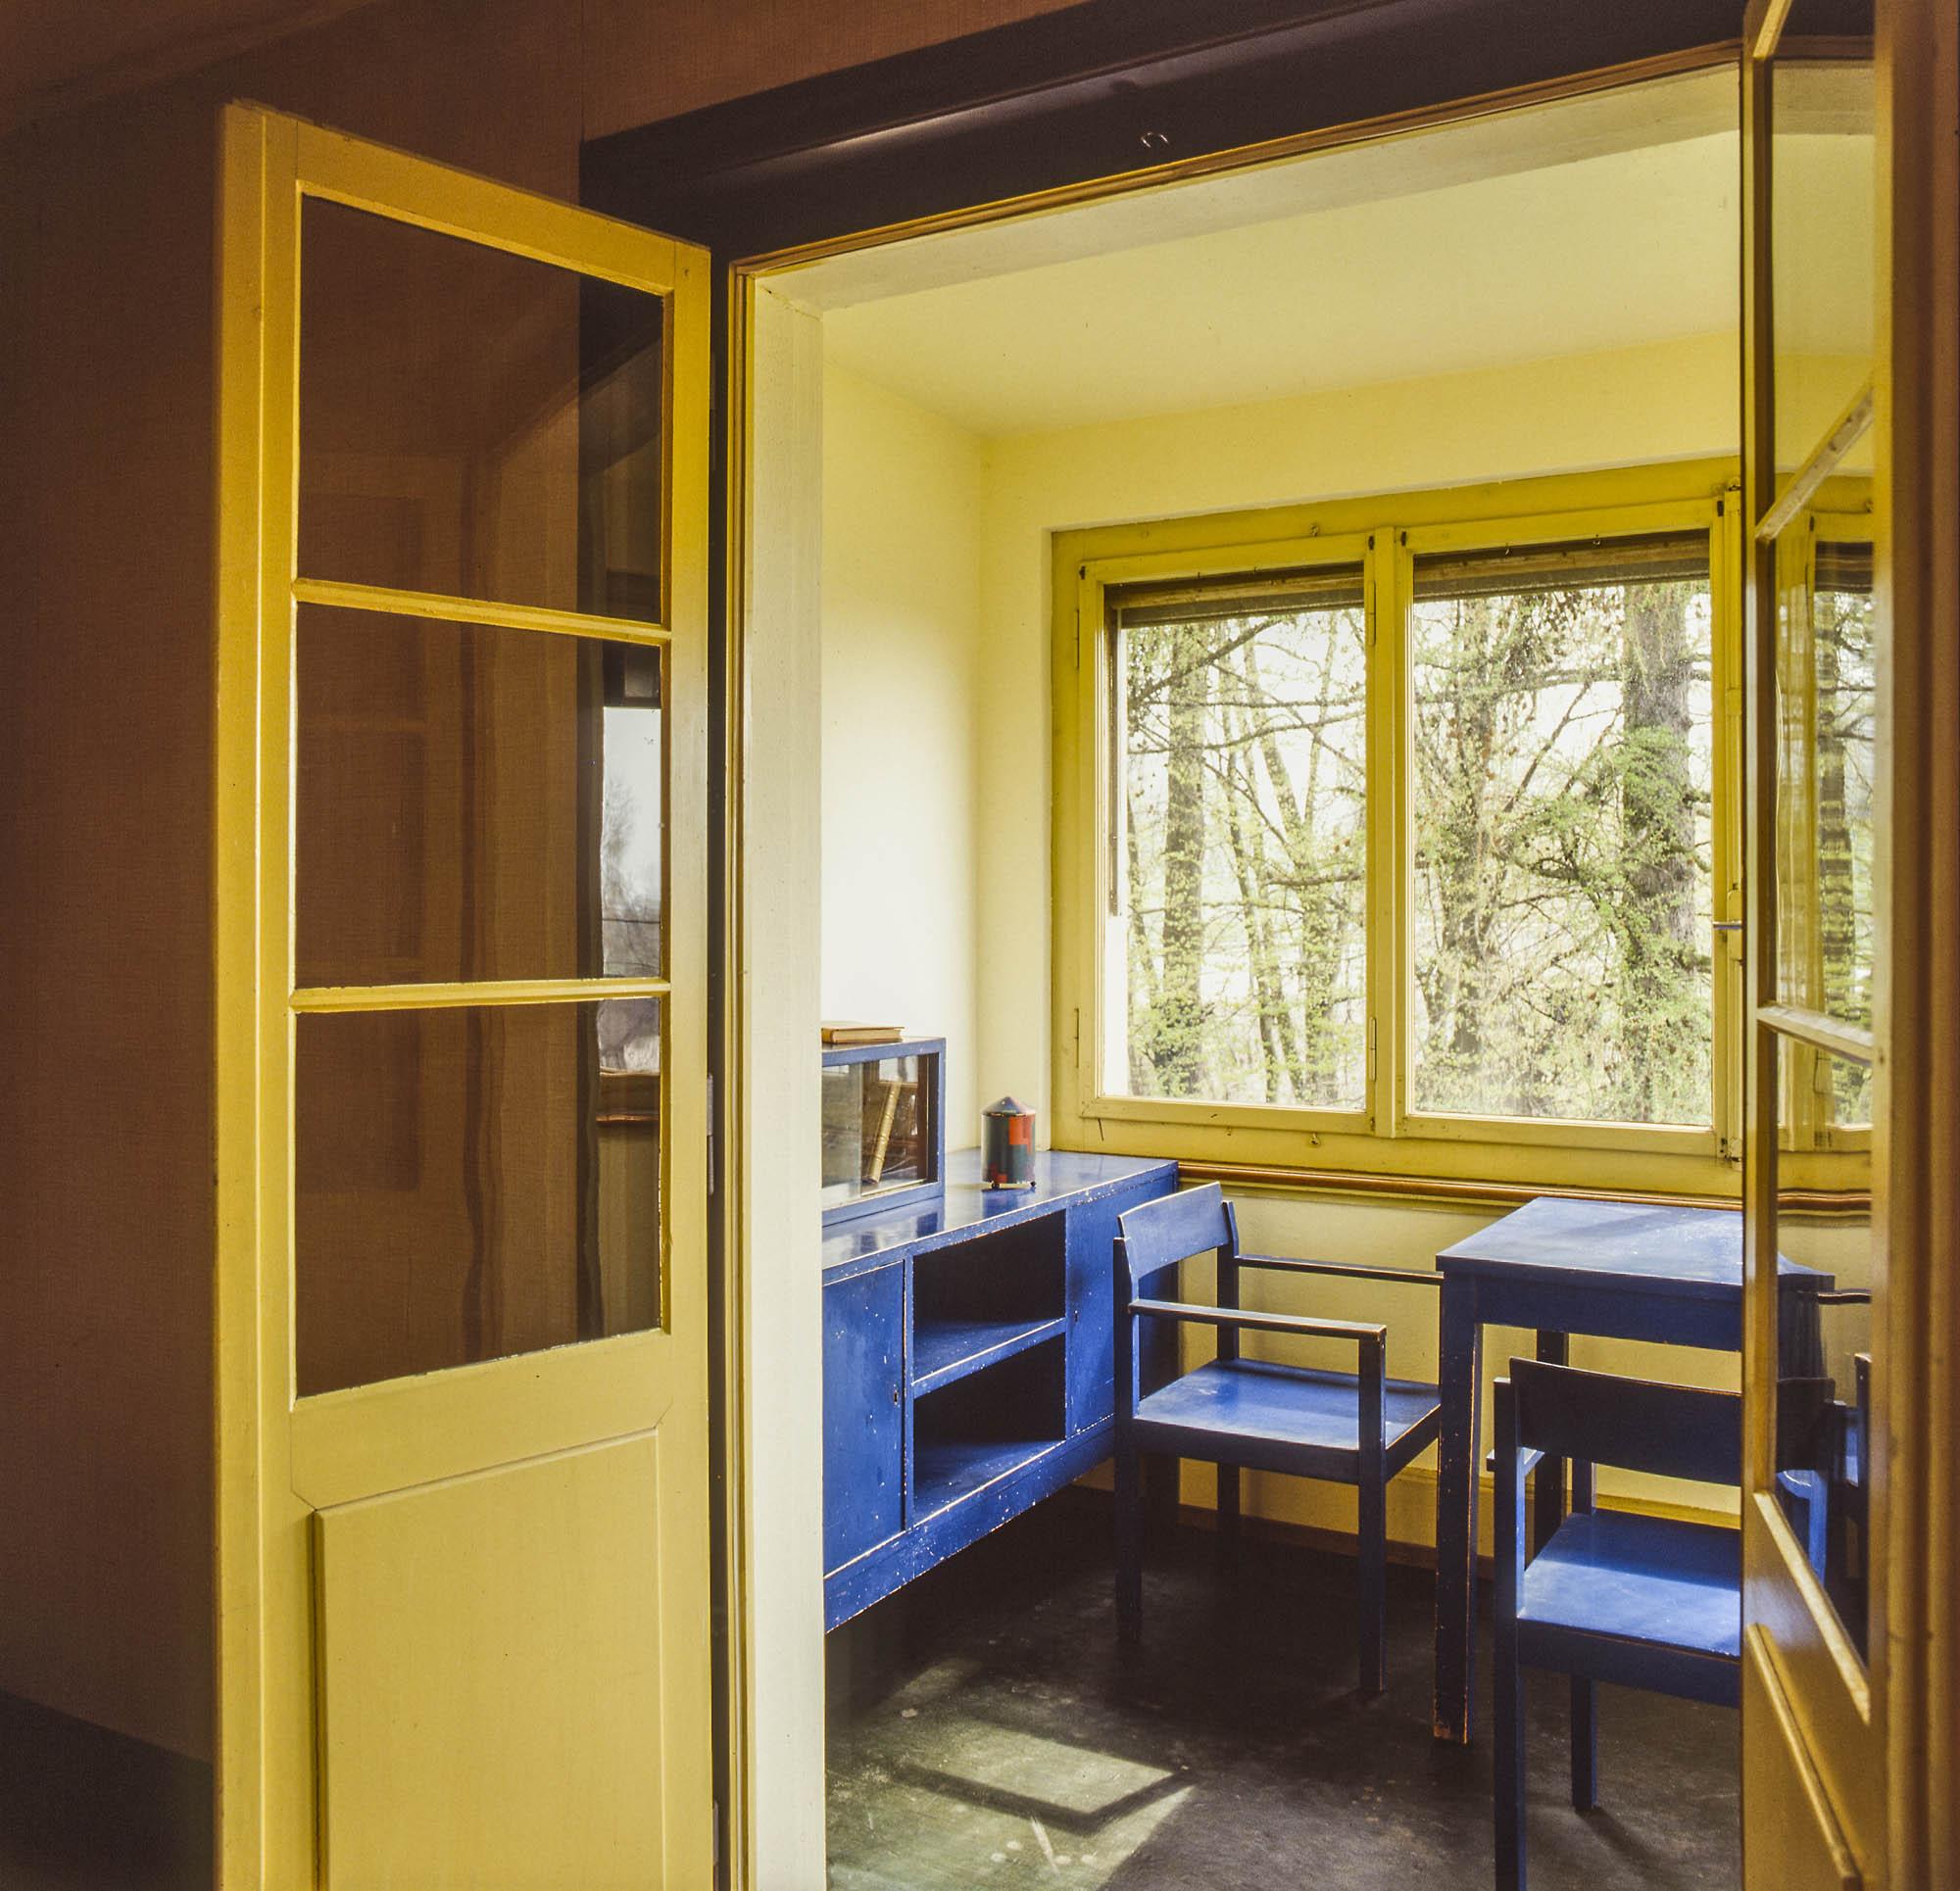 Entwurf für das Wohnhaus Alois Blöchlinger Traugott Stauss Hallway furniture